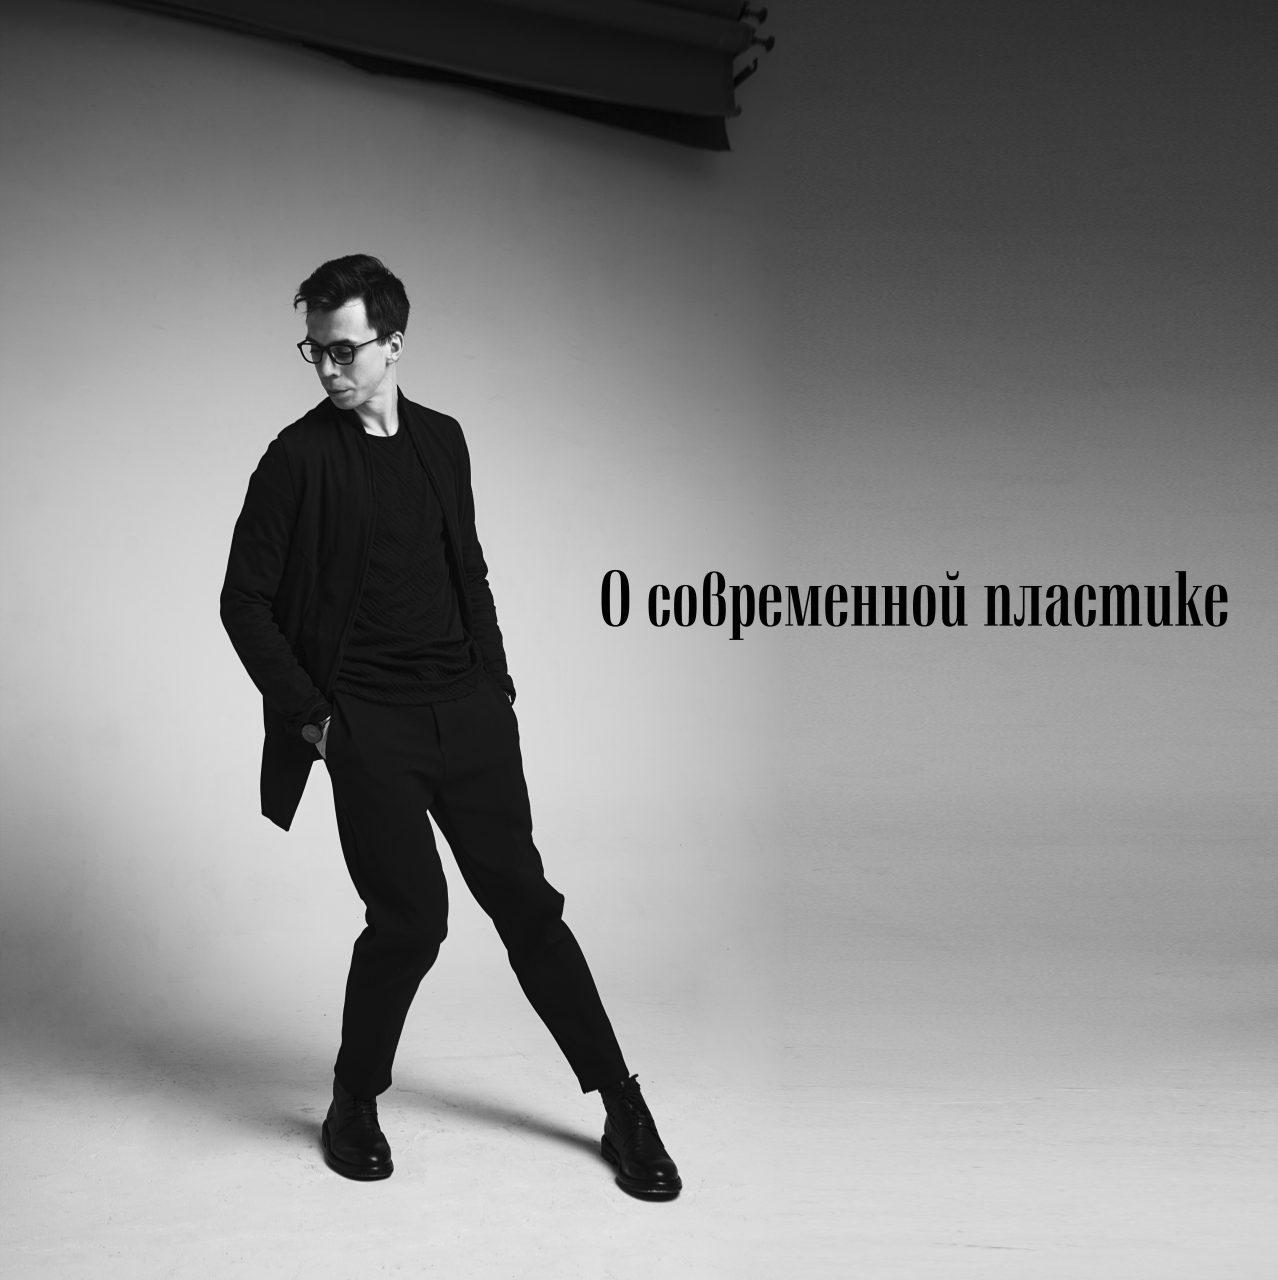 Максим Петров: «Мне нравится ставить танец в любом виде и при любых обстоятельствах»